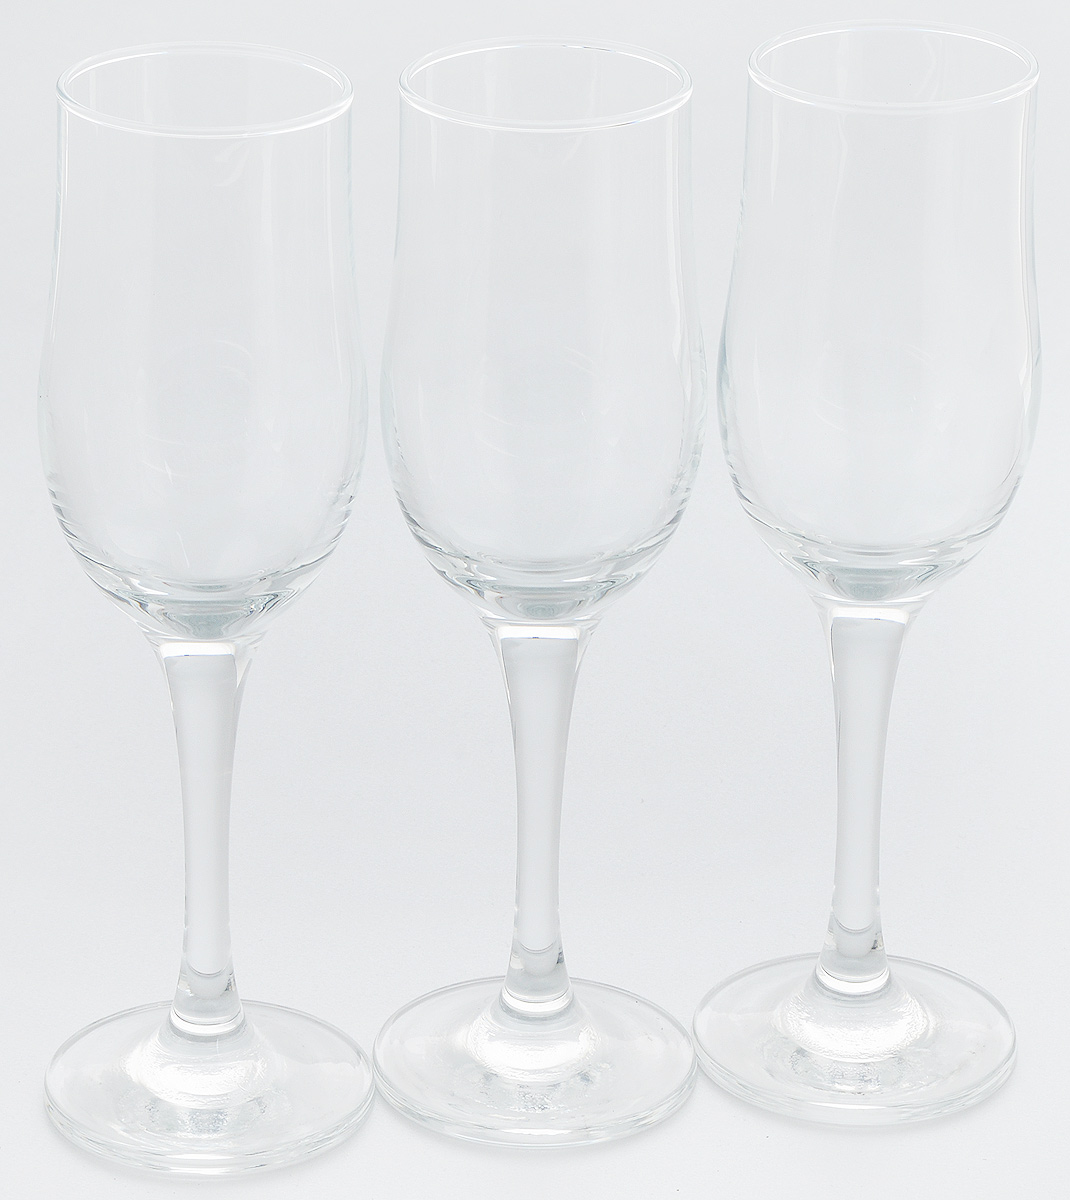 Набор фужеров для шампанского Pasabahce Tulipe, 190 мл, 3 шт набор фужеров для шампанского pasabahce bistro цвет прозрачный 275 мл 6 шт